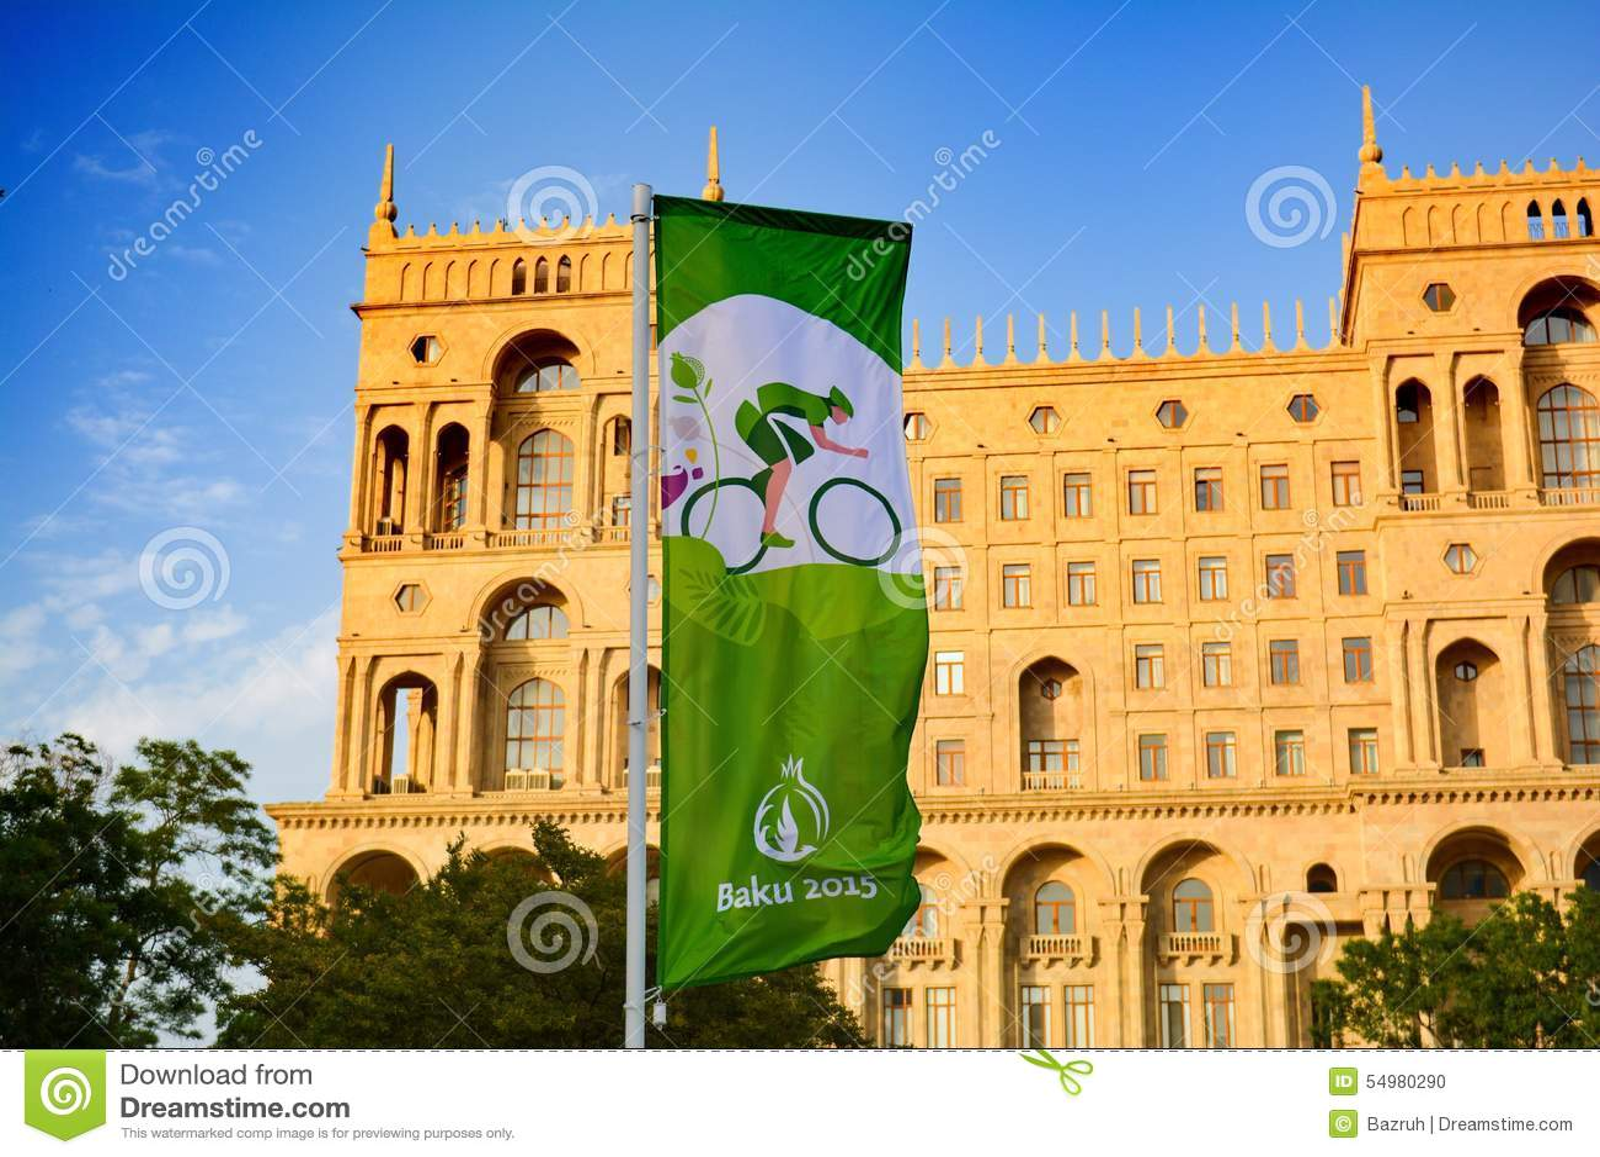 Calles de Baku, 1ros juegos europeos en Baku, cartel